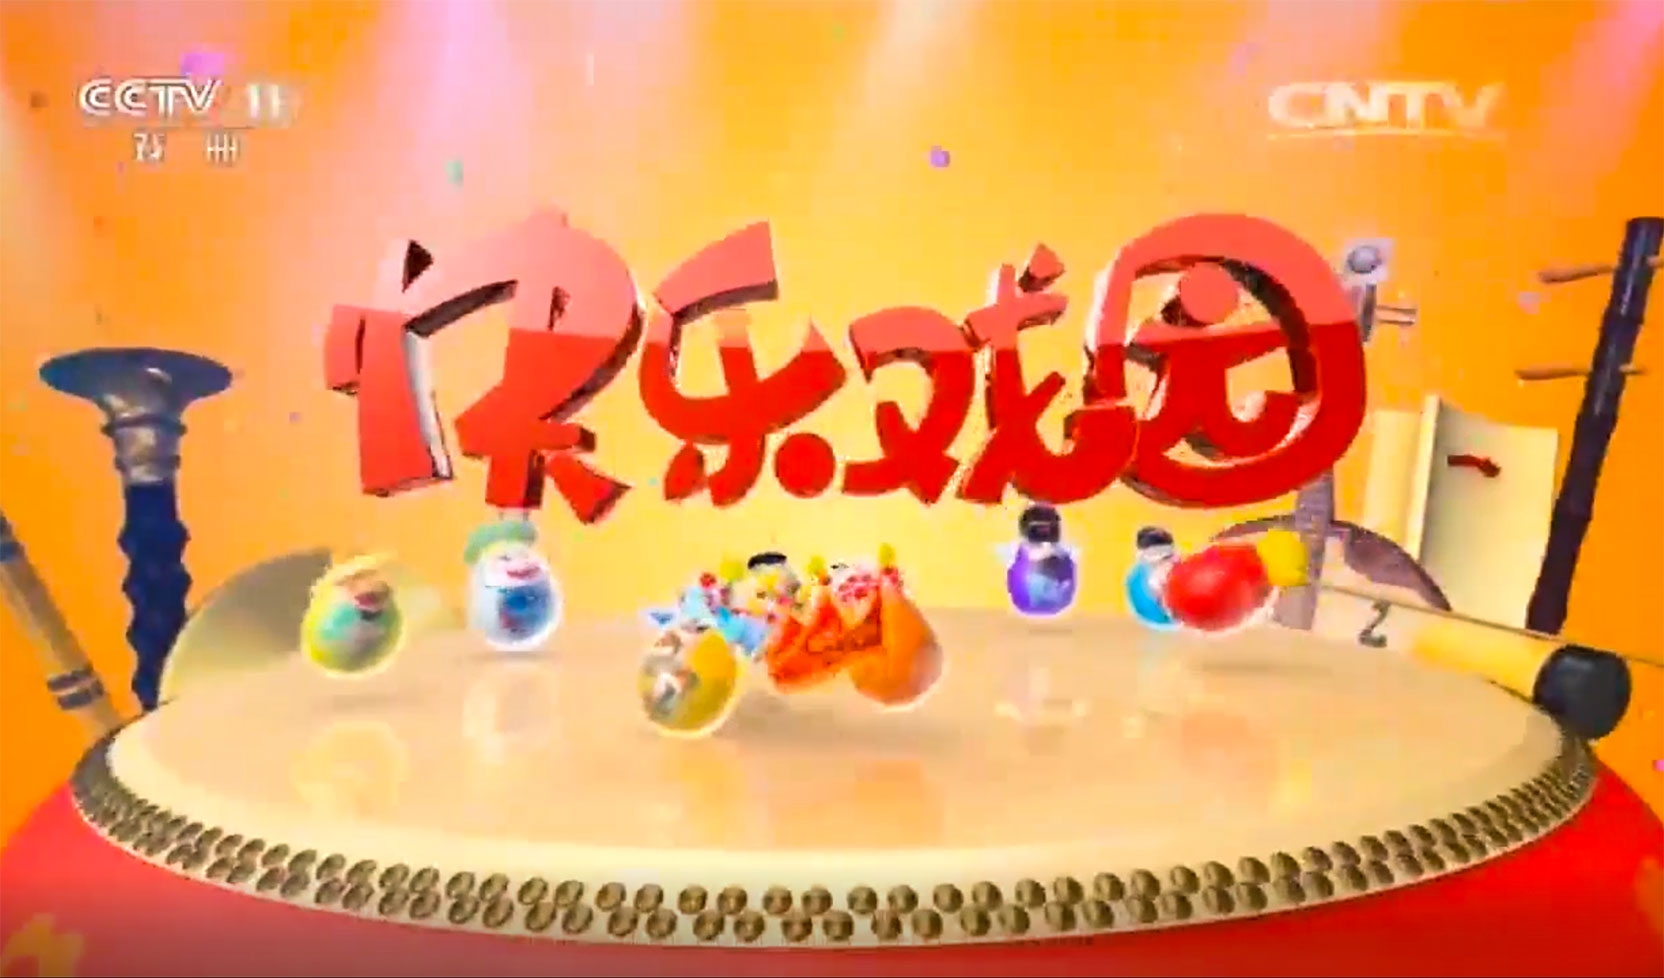 CCTV11戏曲《快乐戏园》 大好河山 佳节又重阳